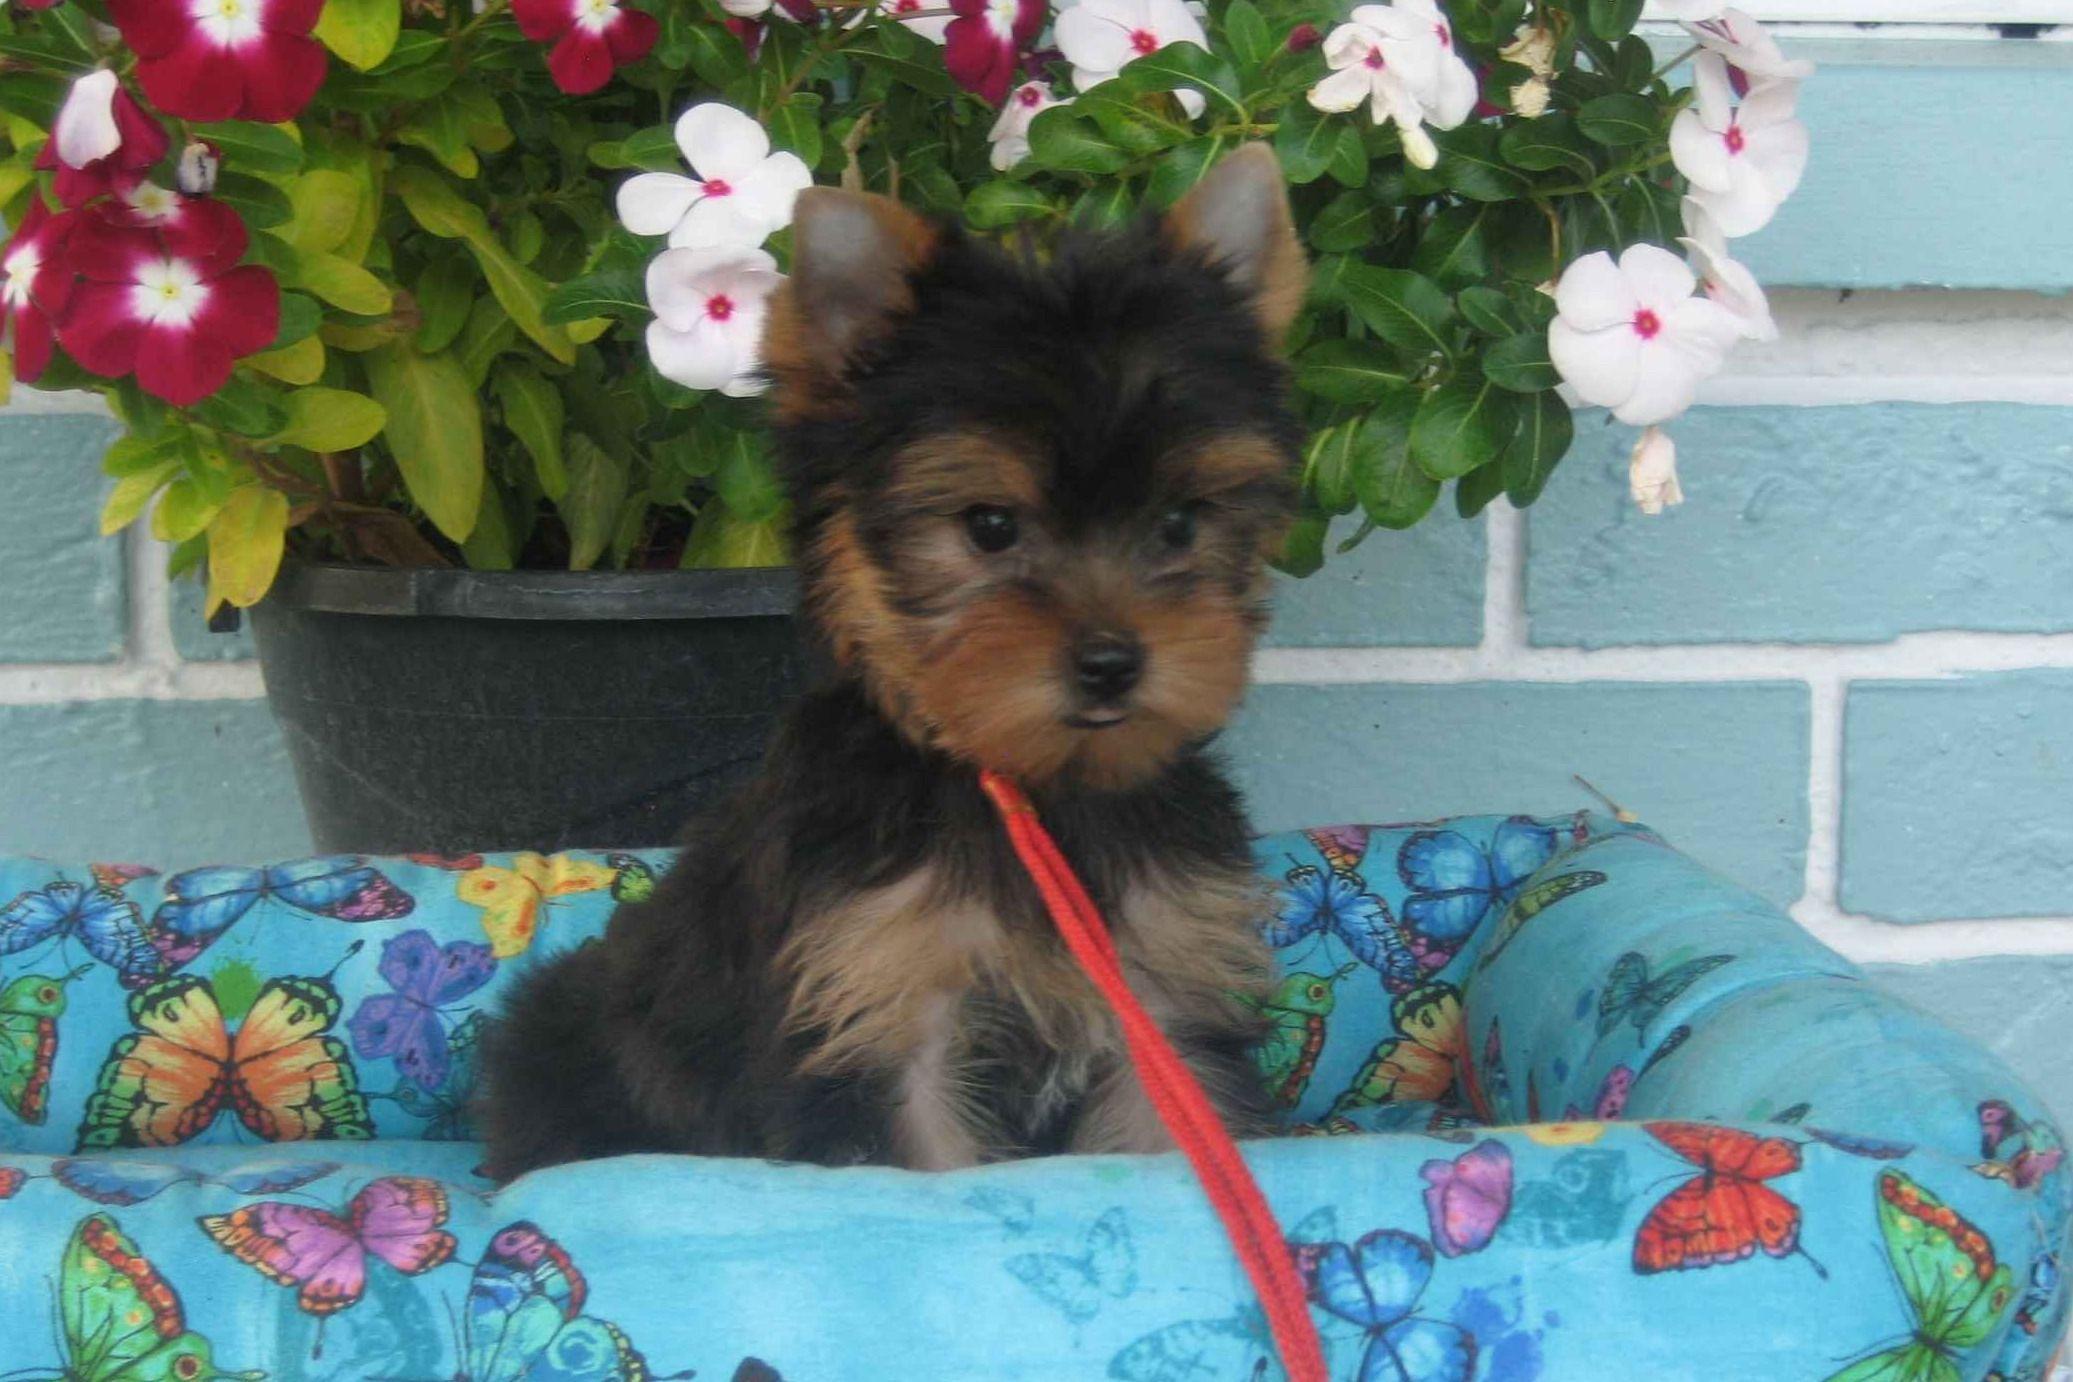 Karen Bordelon Has Yorkshire Terrier Puppies For Sale In Pinellas Park Fl On Akc Puppyfinder Puppies For Sale Yorkshire Terrier Puppies Yorkshire Terrier